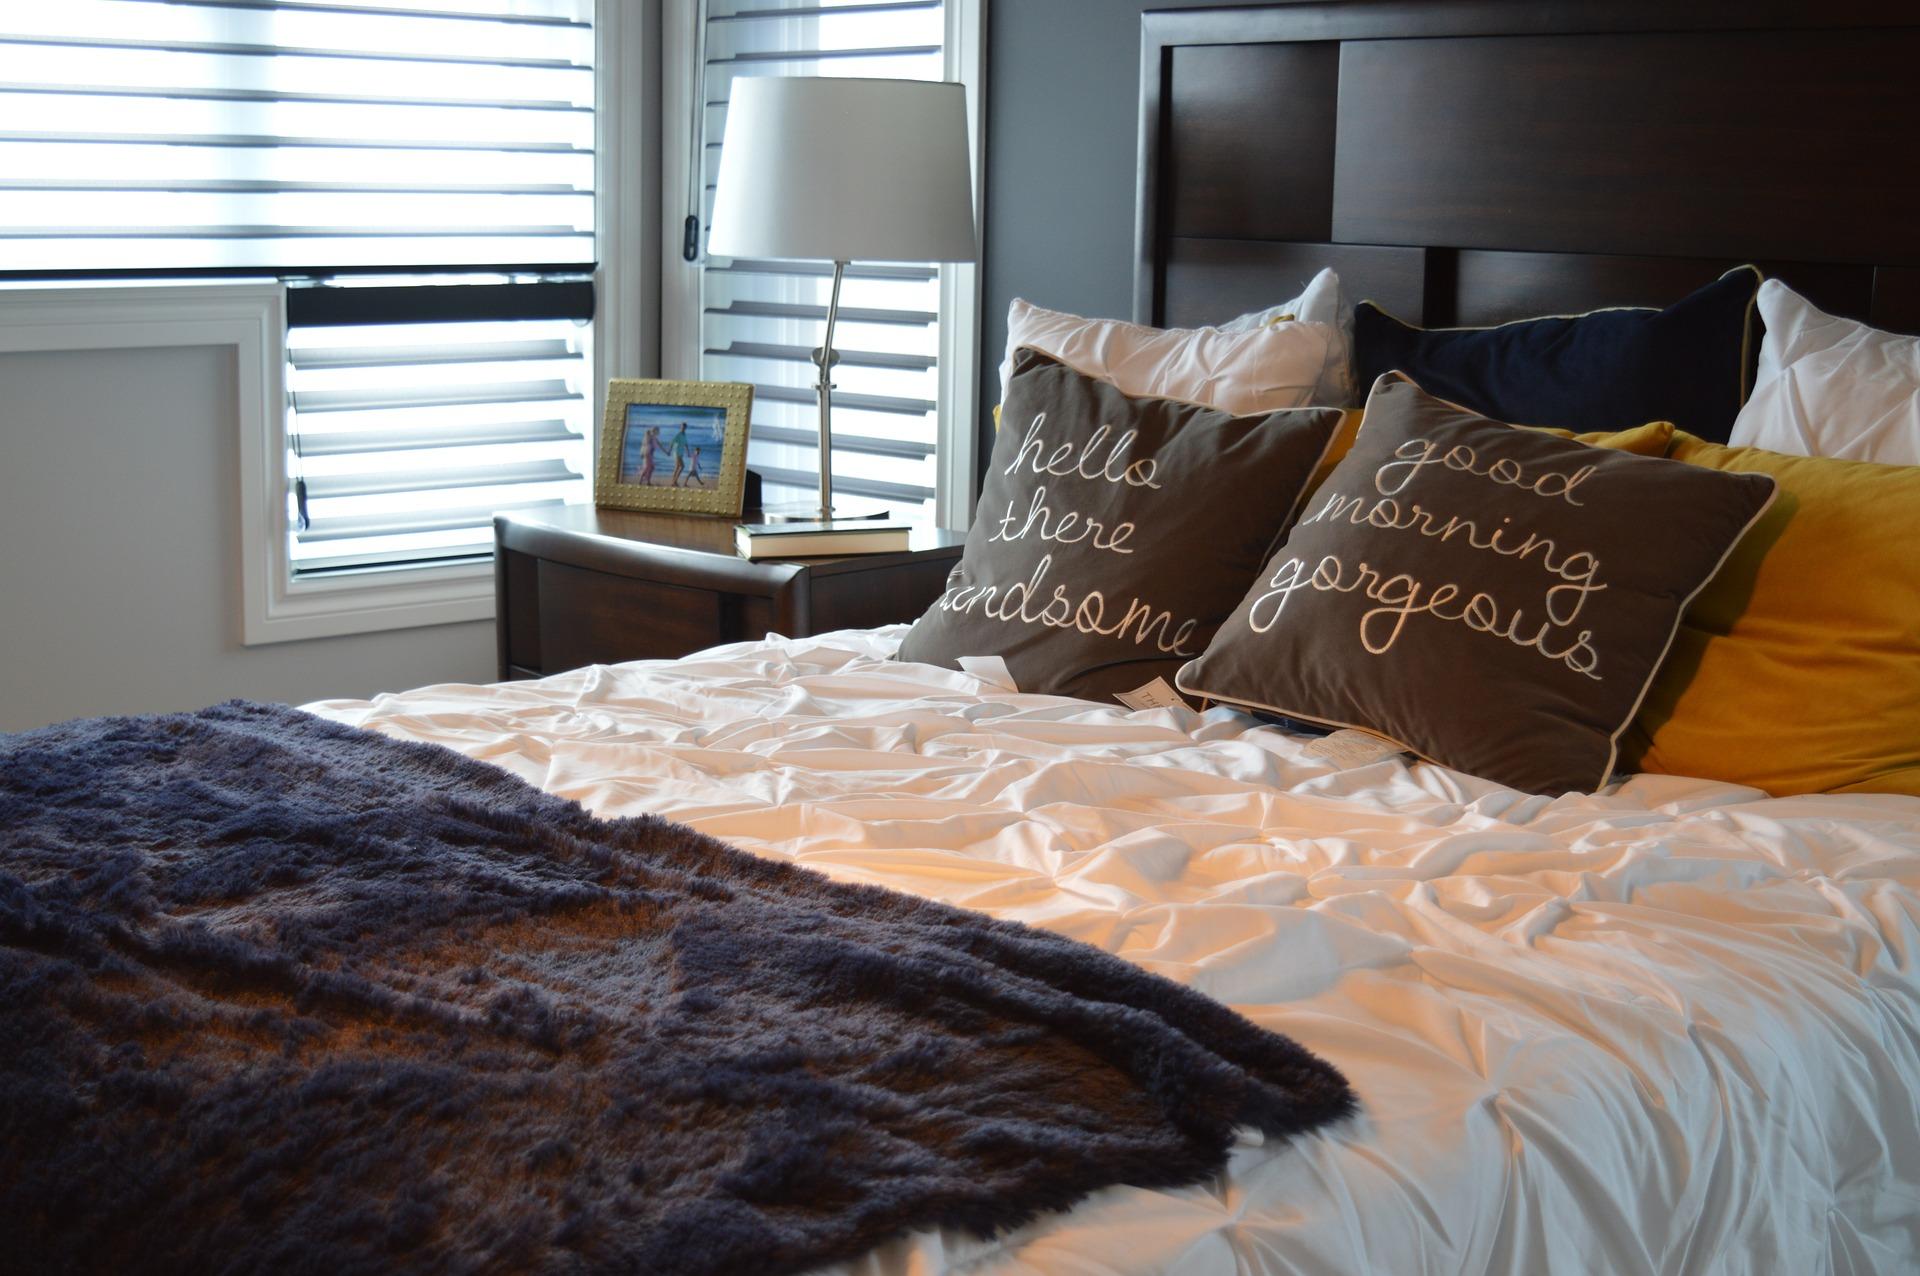 interioristas-decoracion-mesa-dormitorio-interiorismo-emociones-salud-vida-saludable-valencia